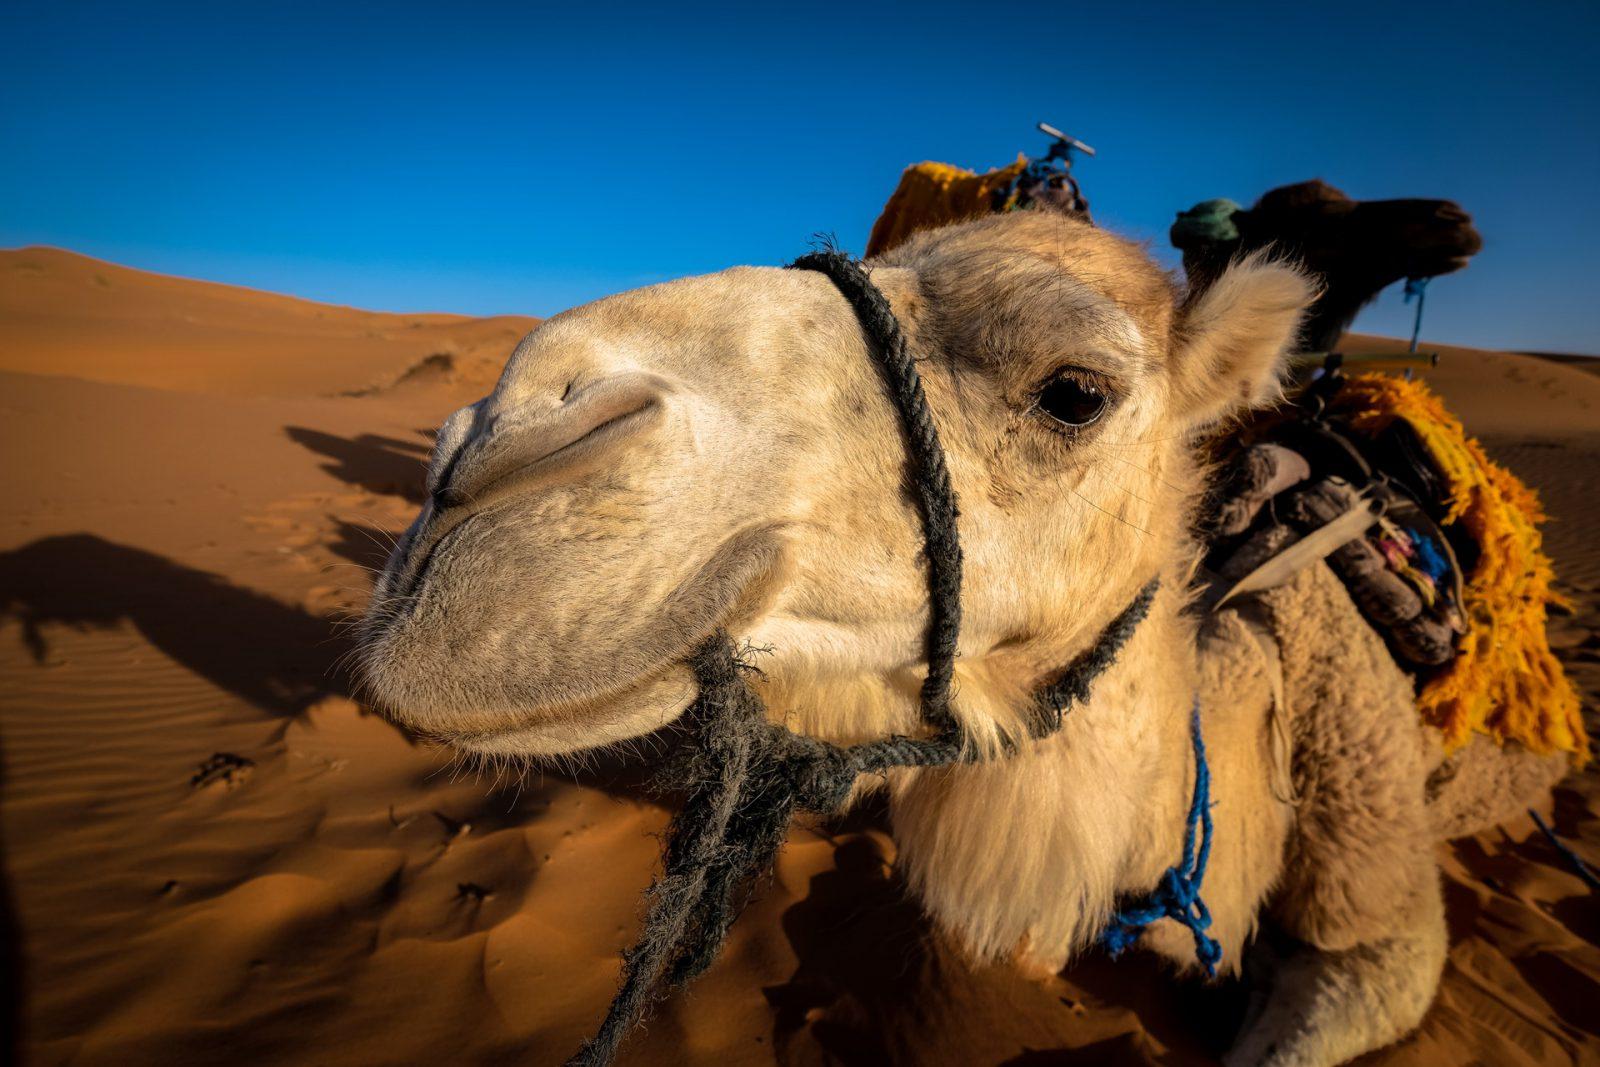 Saiba tudo sobre o camelo e suas características